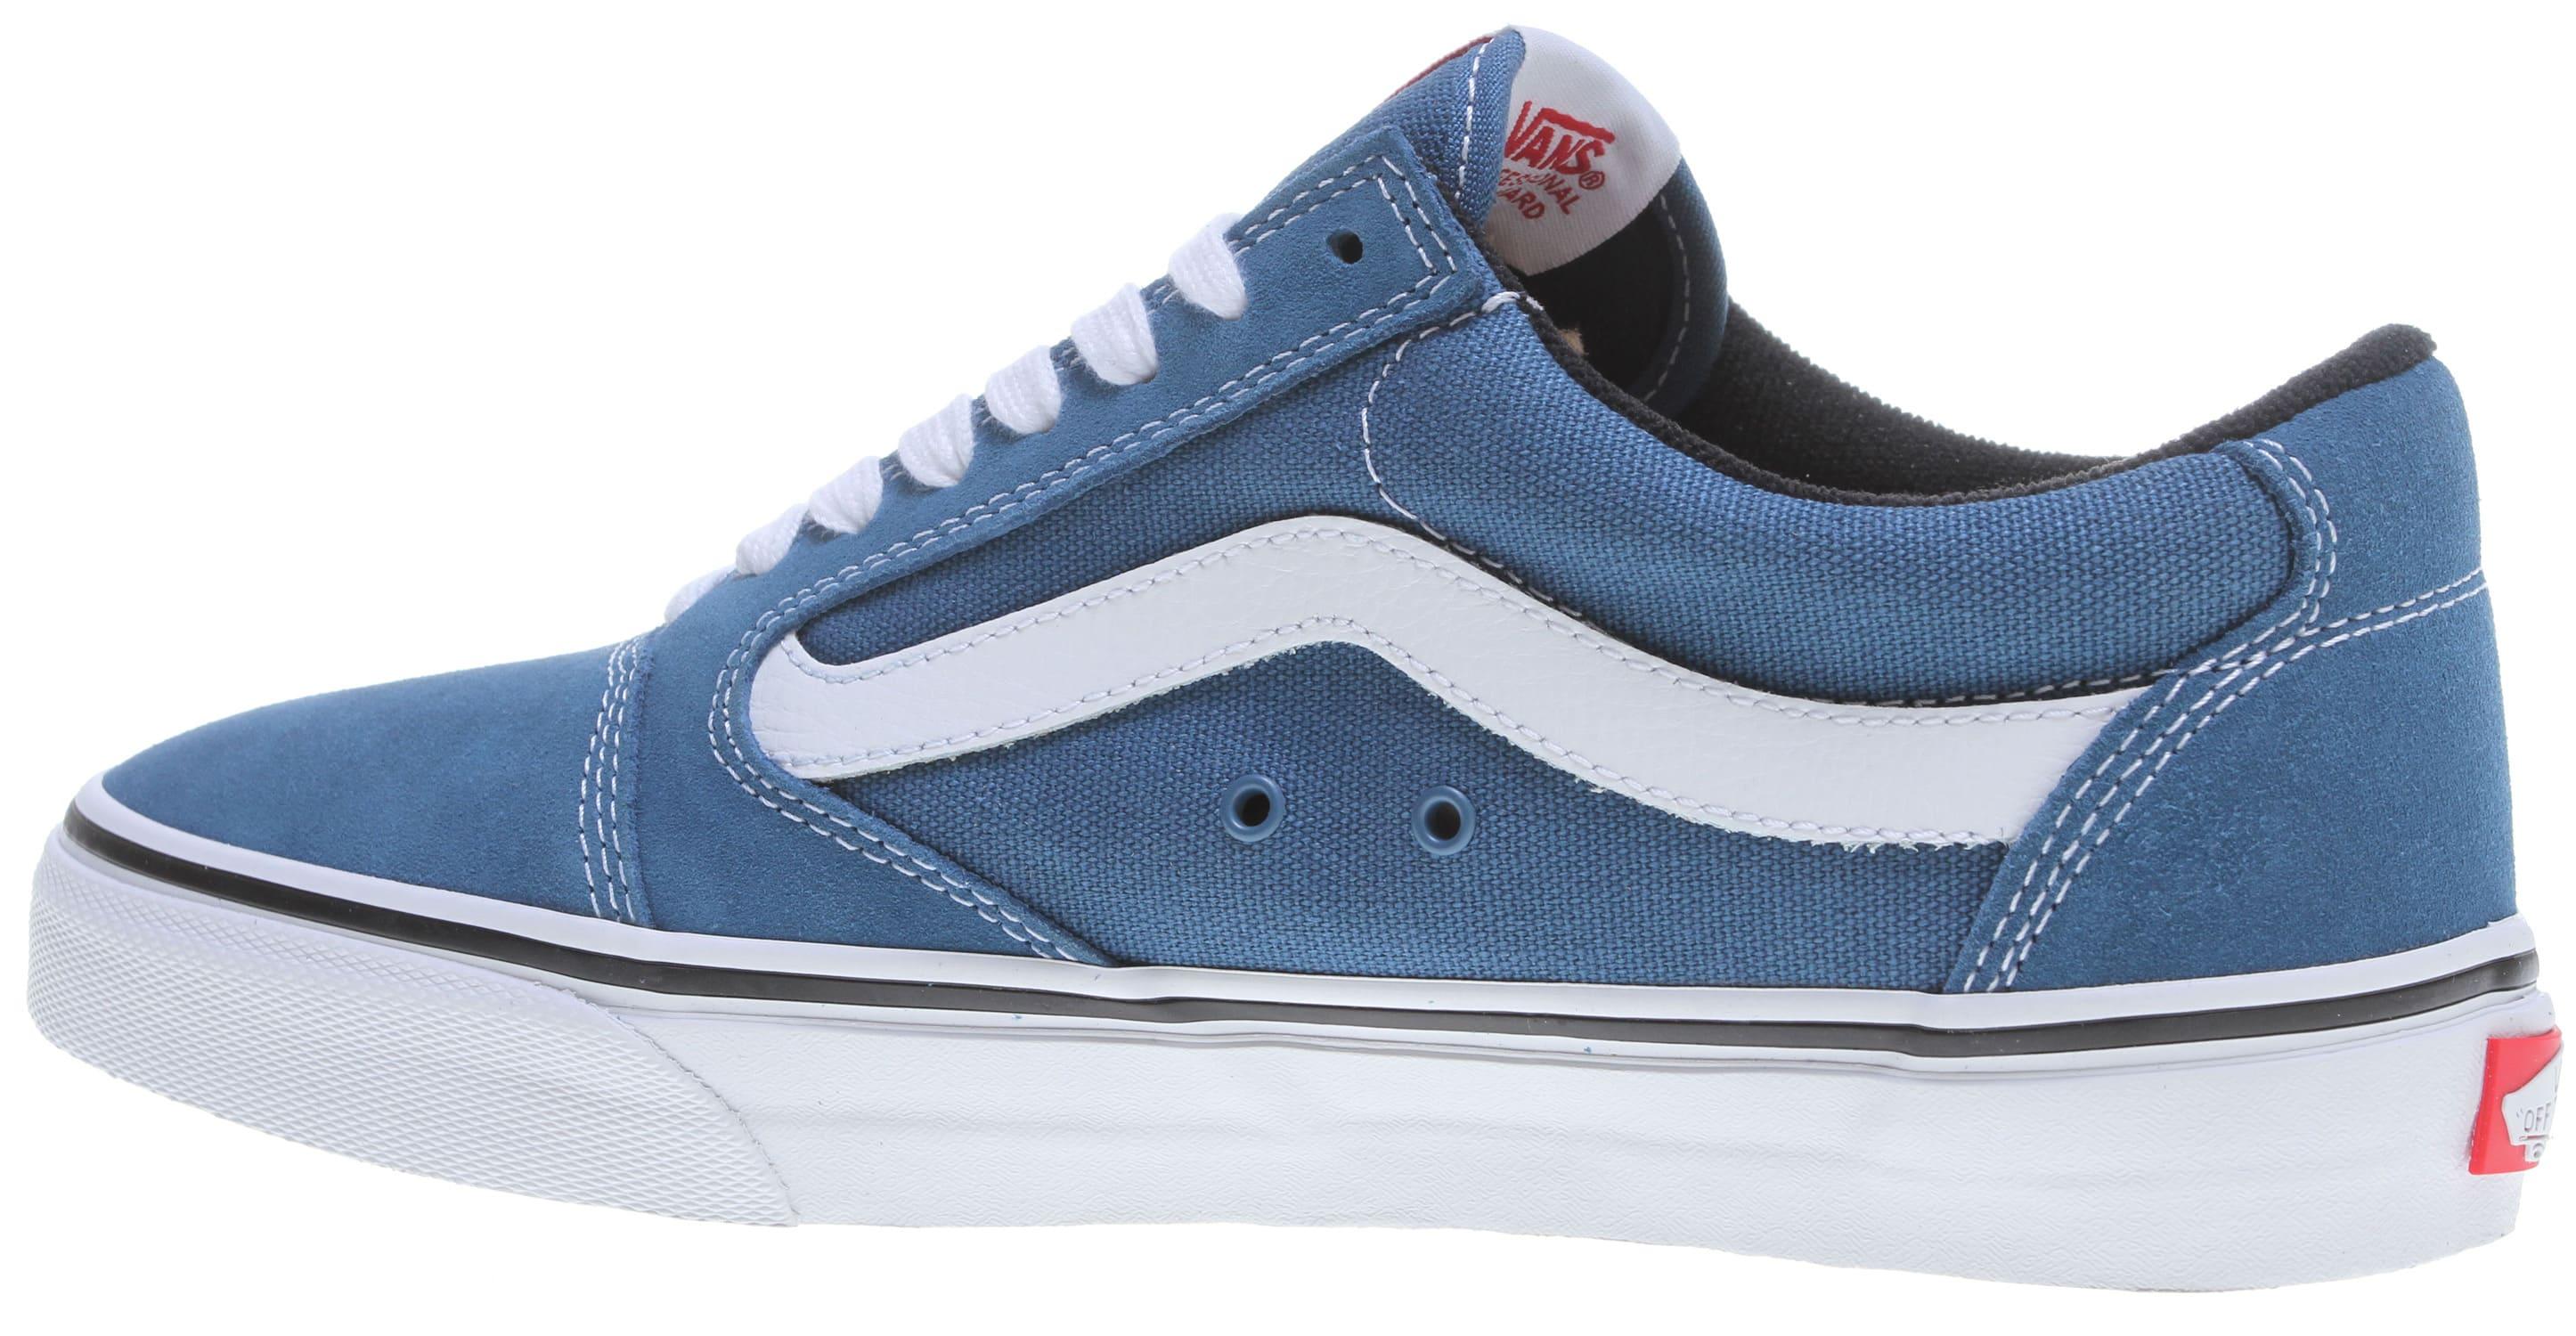 f61132513d Vans TNT 5 Skate Shoes - thumbnail 3